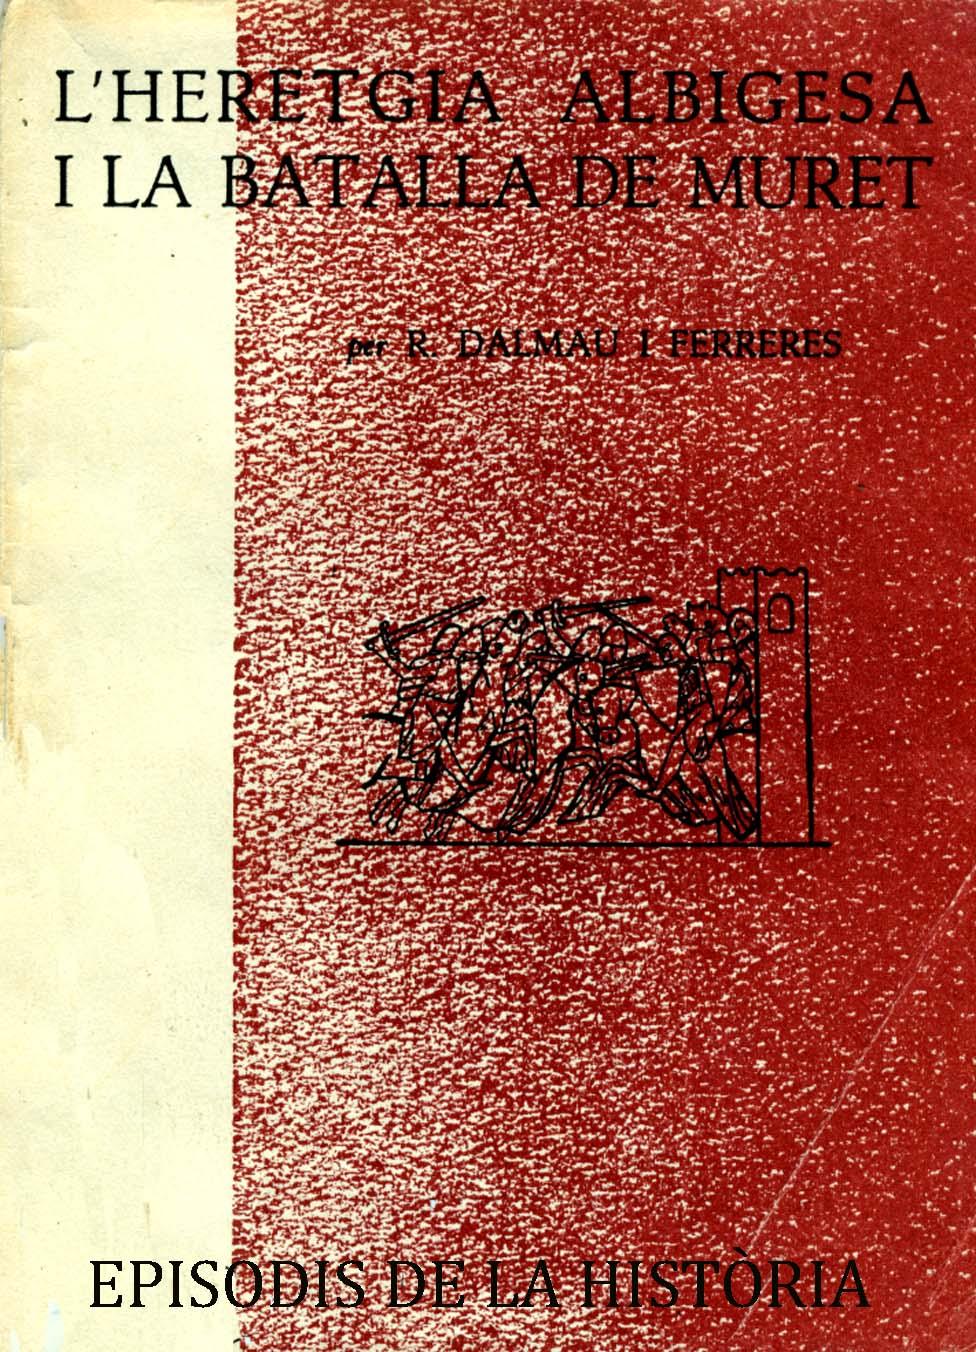 L'heretgia albigesa i la batalla de Muret